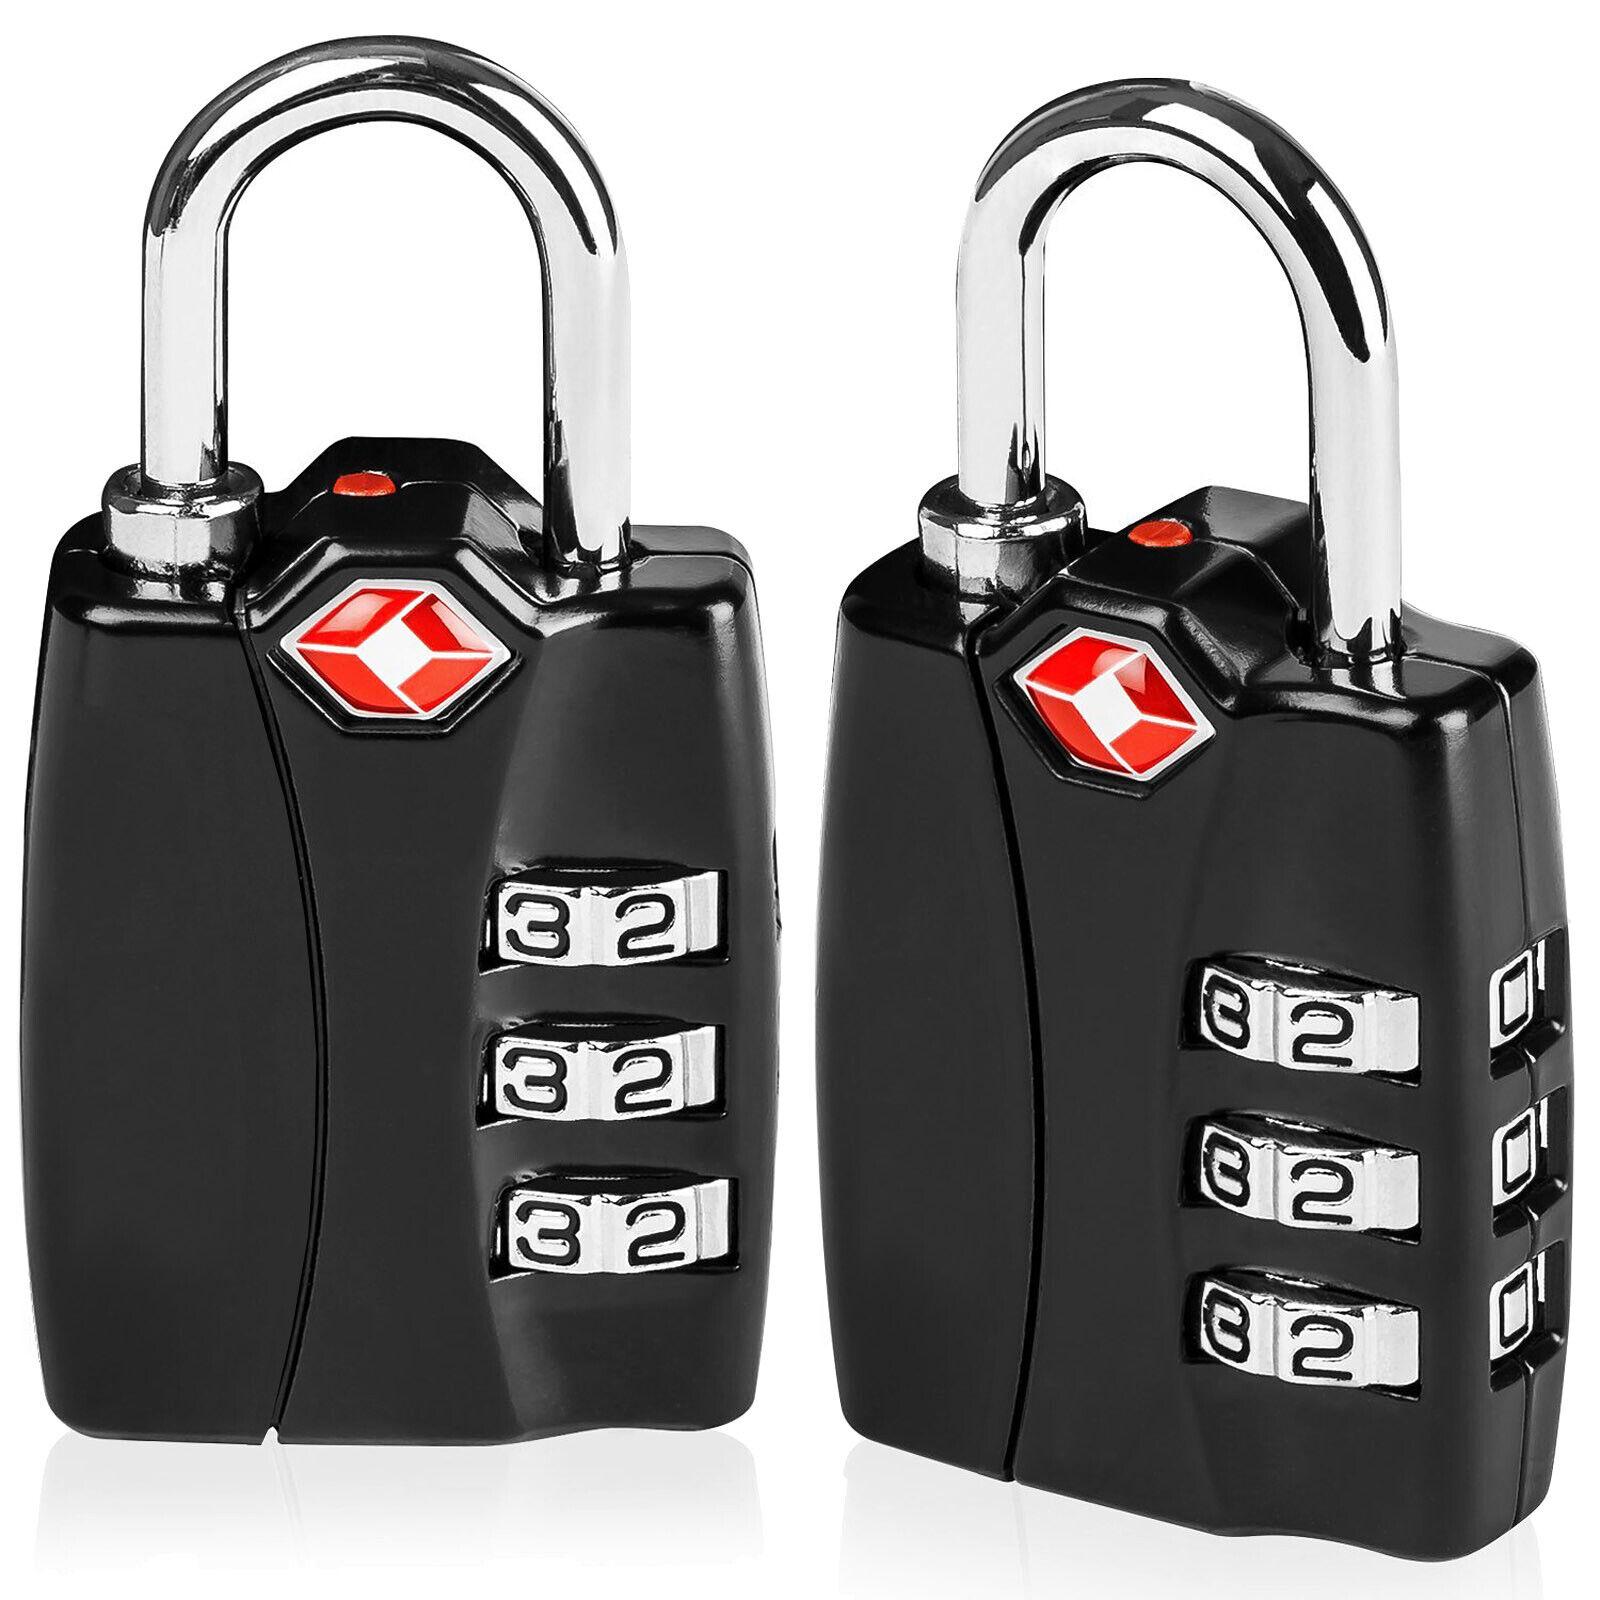 TSA Luggage Locks 3 Digit Combination Steel Padlocks Travel Lock Suitcases Bag - $10.44